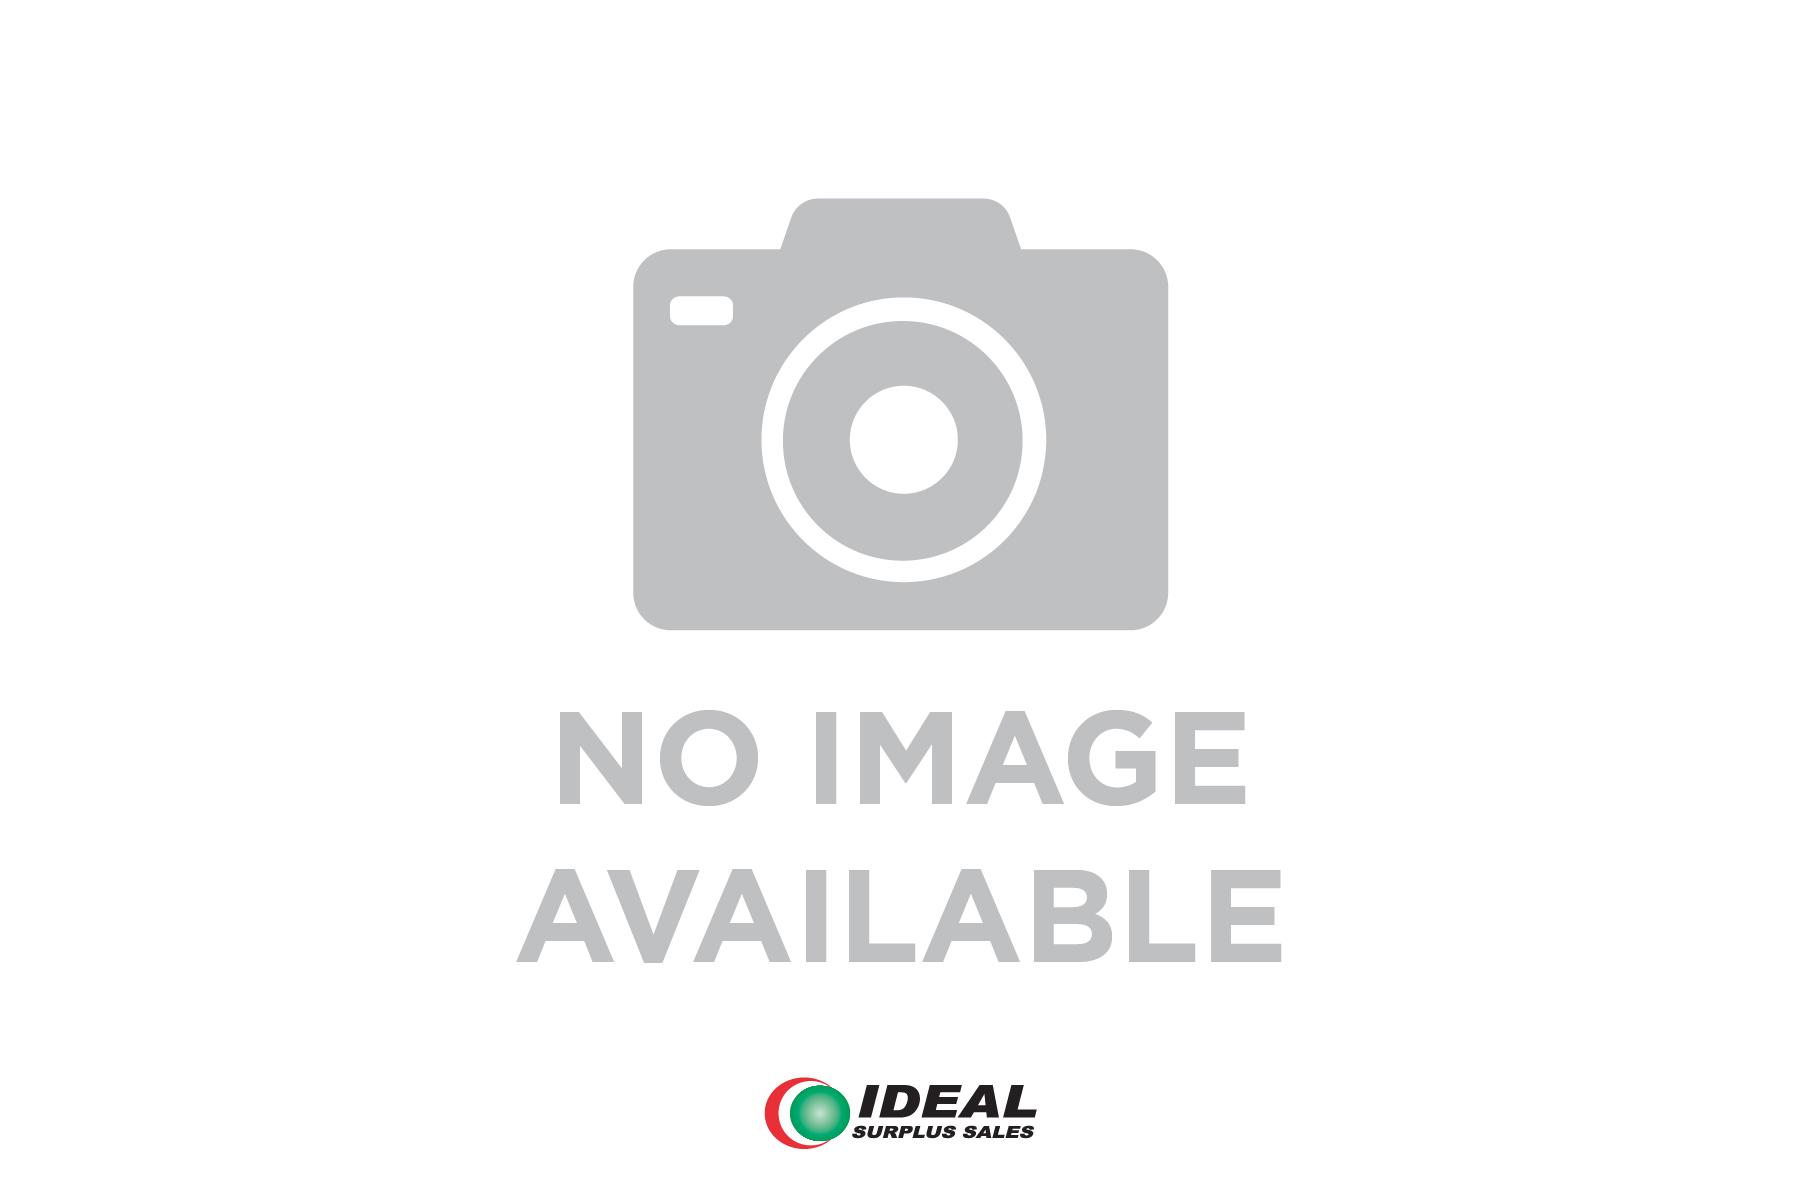 SIEMENS 6AV6645-0CC01-0AX0 PANEL